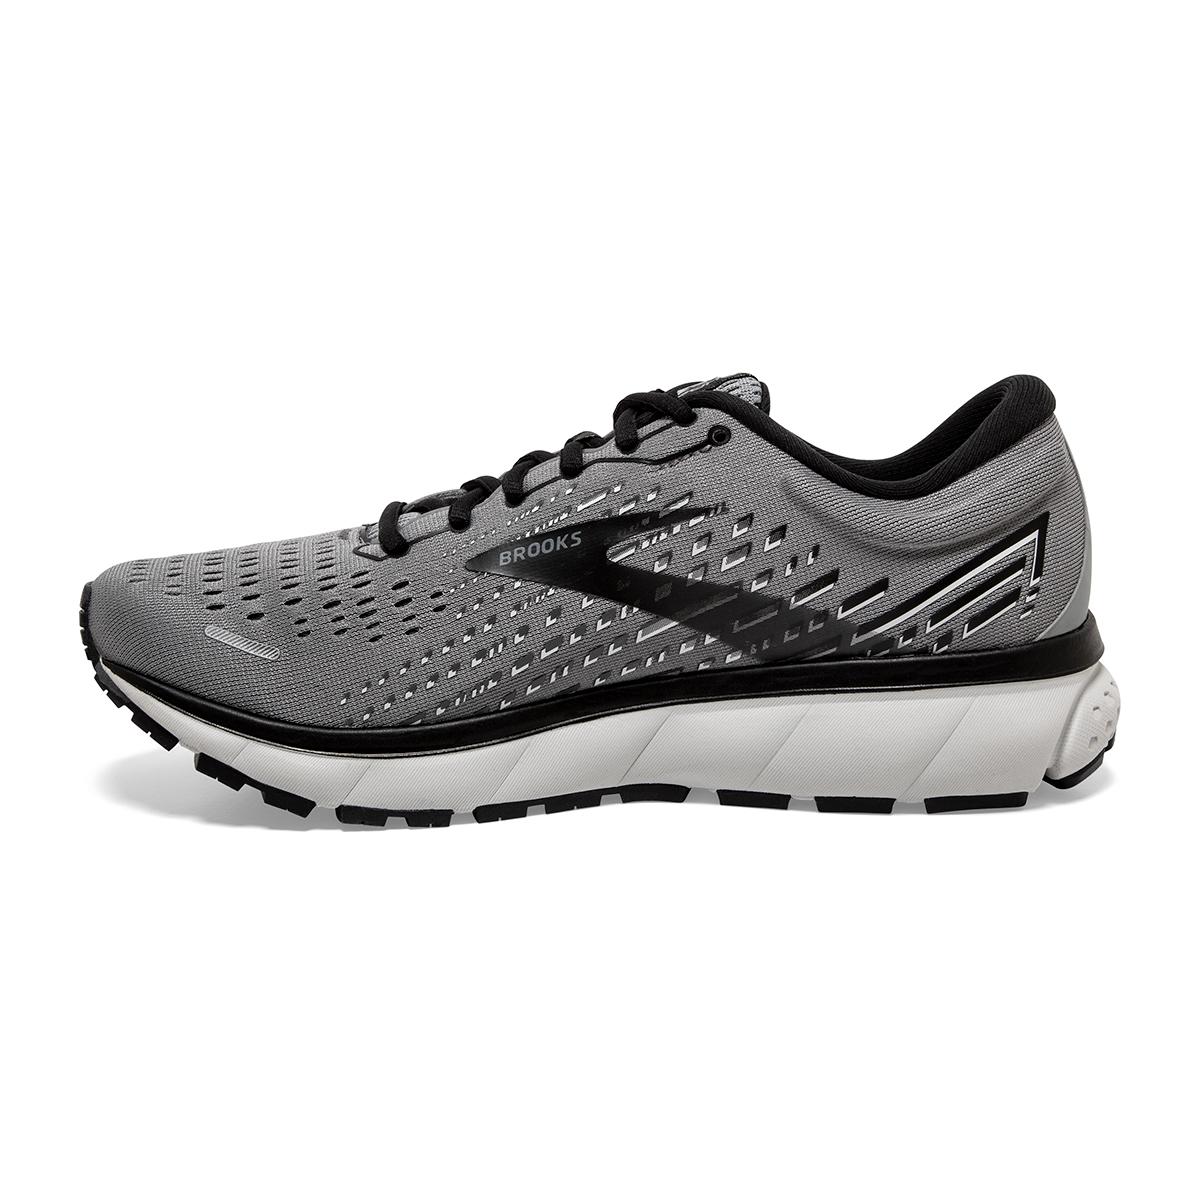 Men's Brooks Ghost 13 Running Shoe - Color: Primer Grey - Size: 7 - Width: Regular, Primer Grey, large, image 5